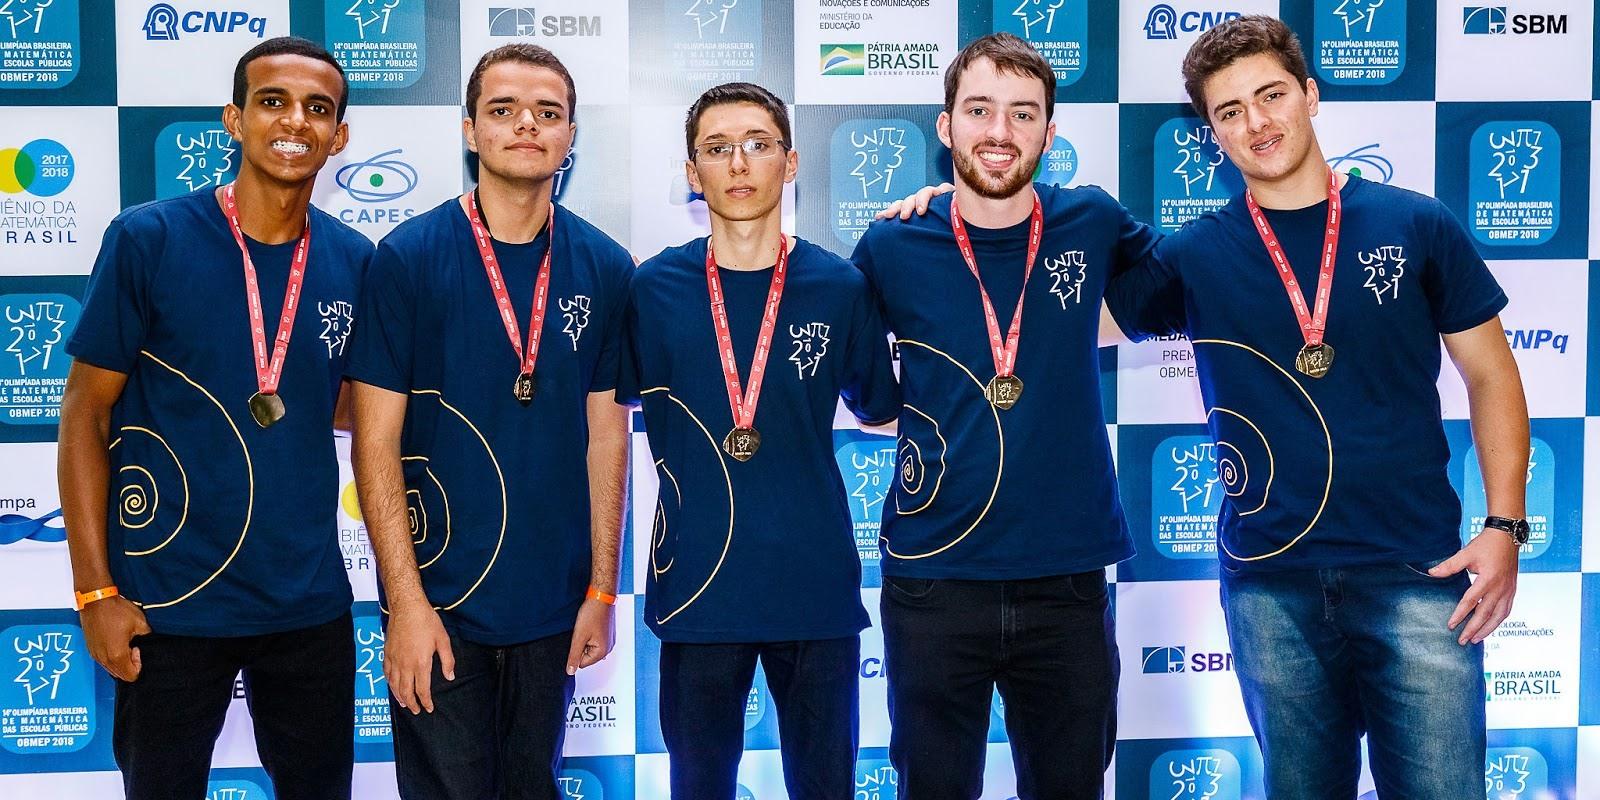 Bolsas IT-OBMEP: Mais 50 medalhistas na 6ª edição